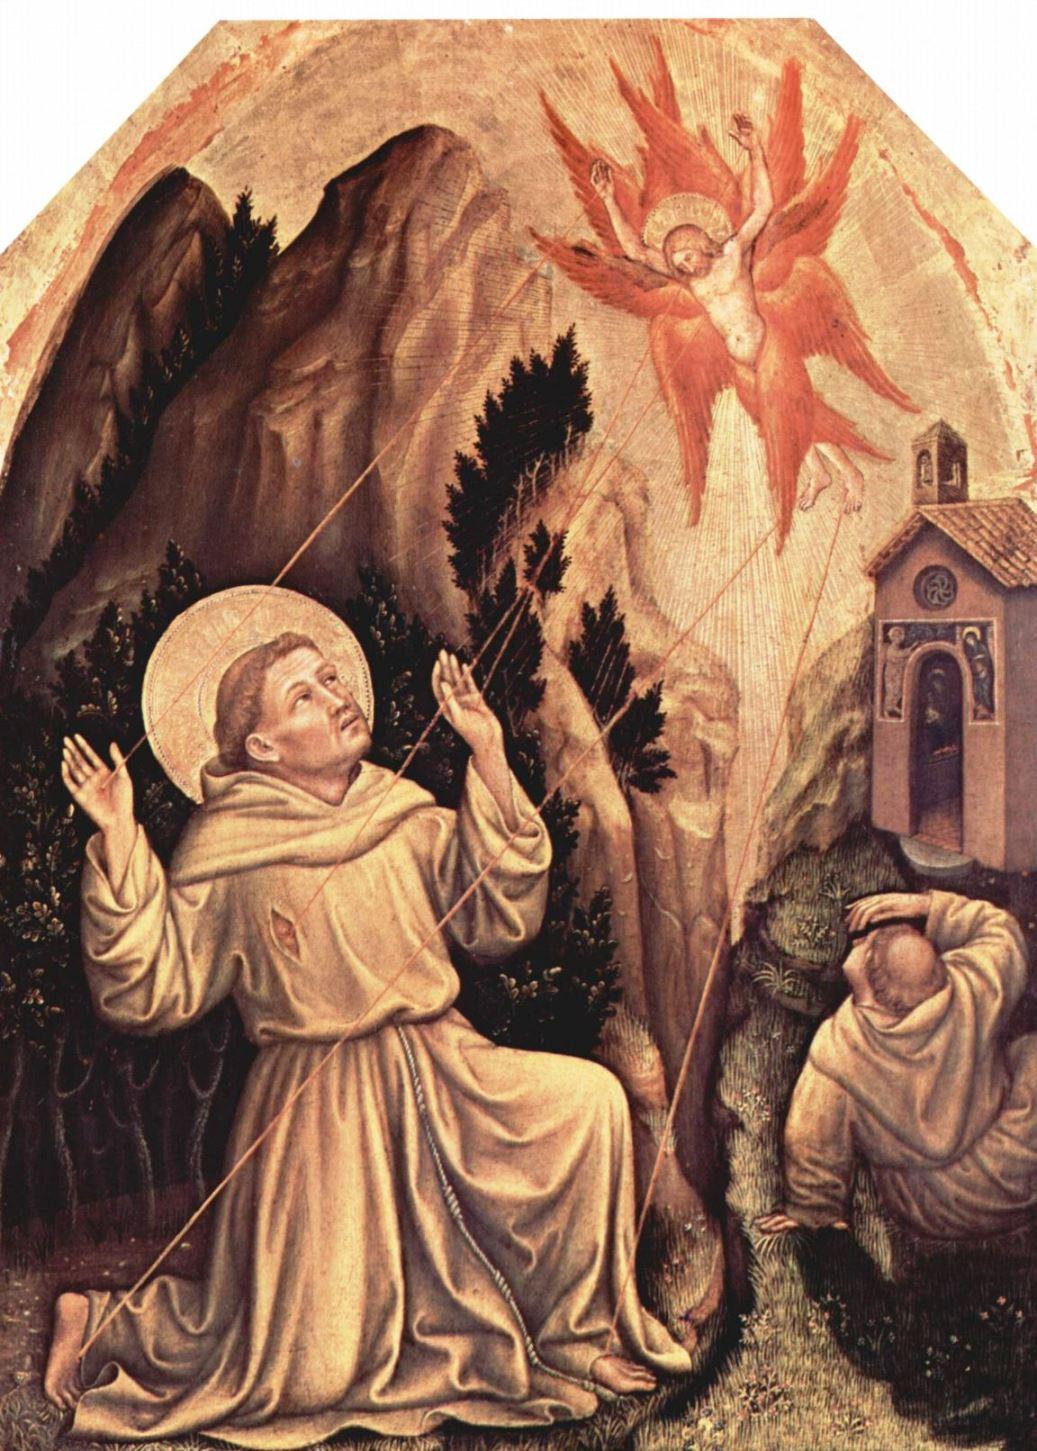 Stigmatisation - Franciscus empfängt die Wundmale des Herrn